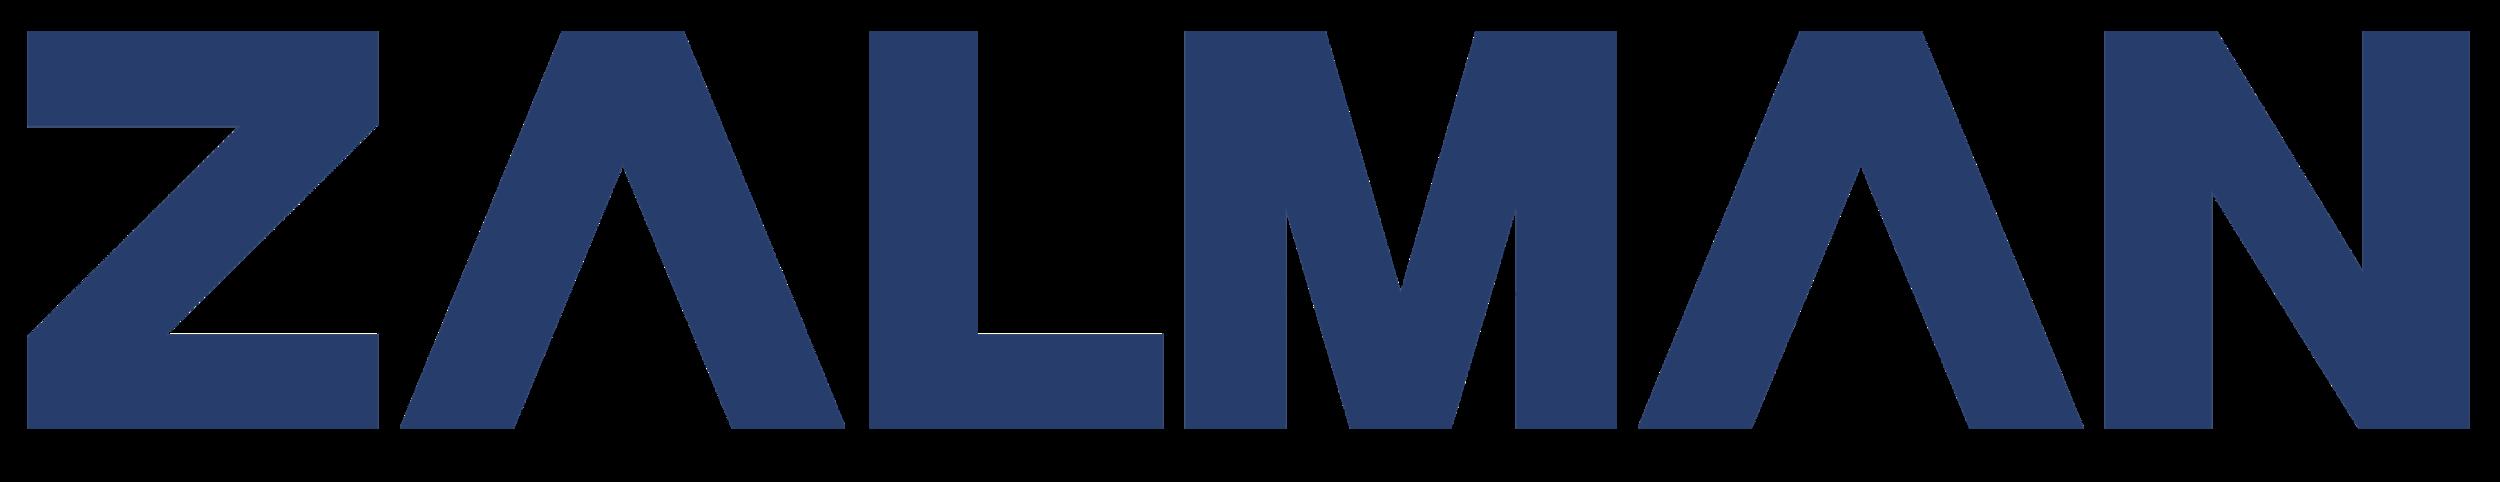 Zalman_logo.png